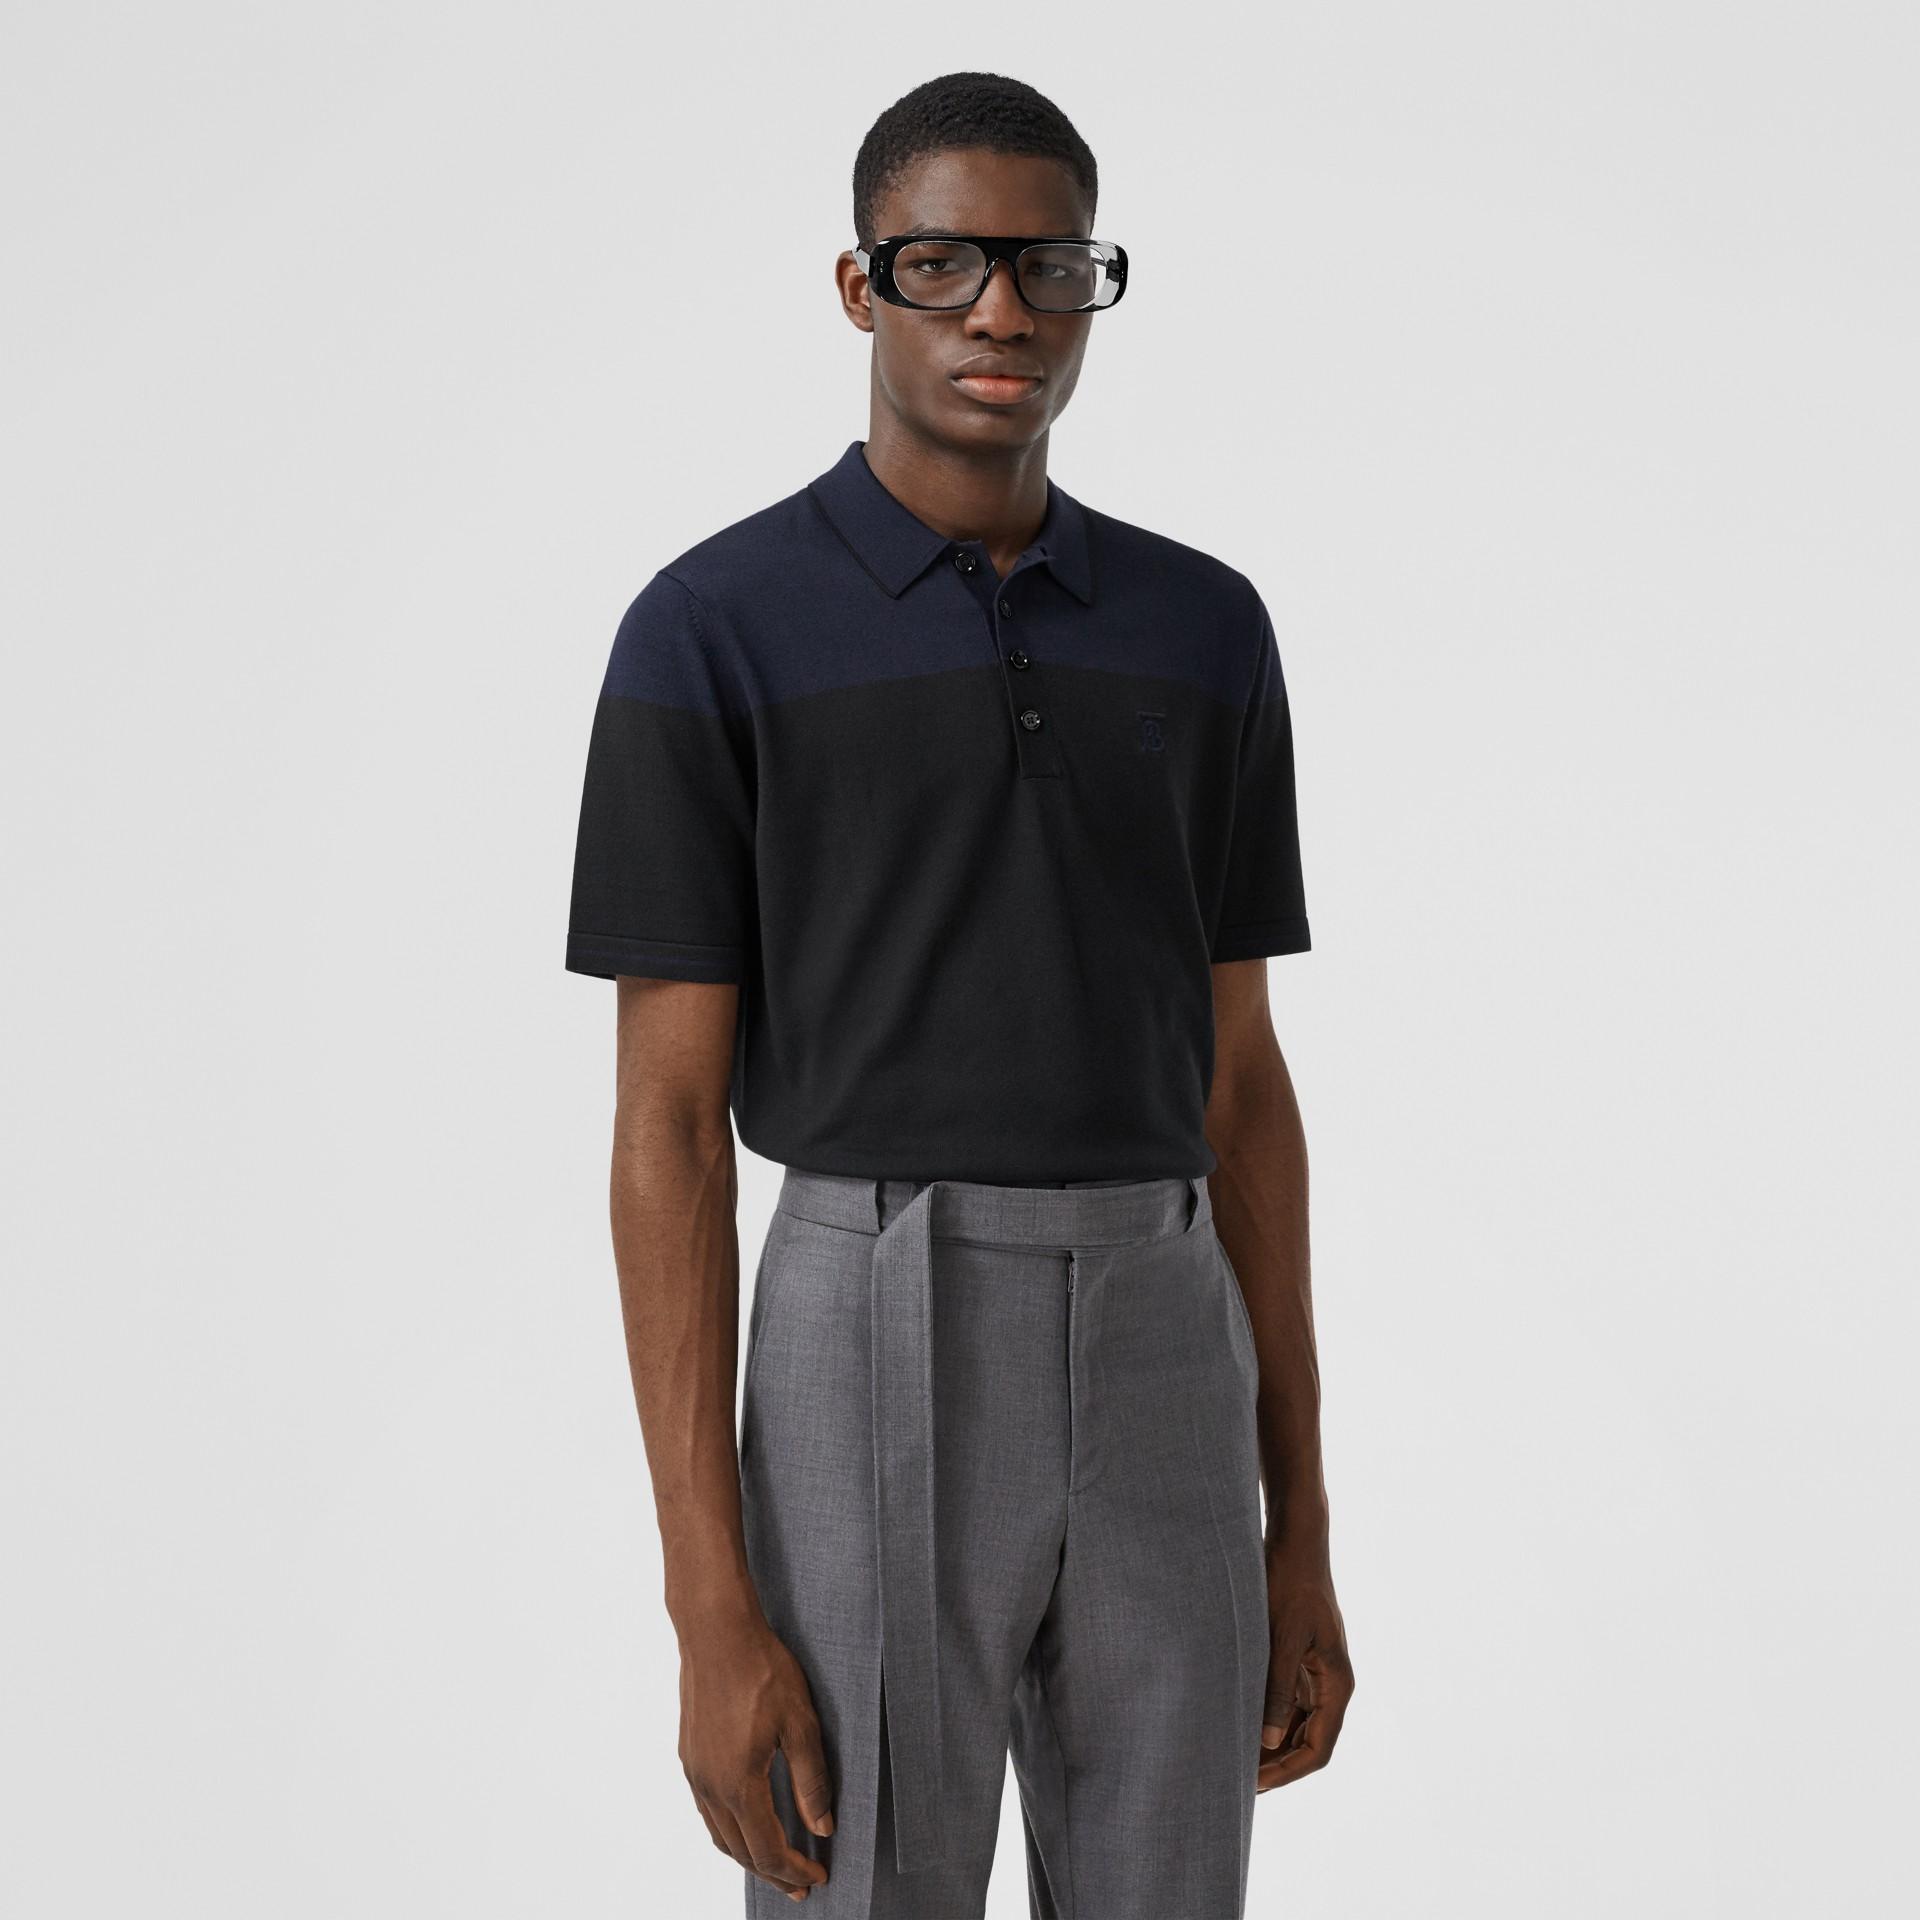 モノグラムモチーフ ツートン シルクカシミア ポロシャツ (ブラック/ネイビー) - メンズ | バーバリー - ギャラリーイメージ 0